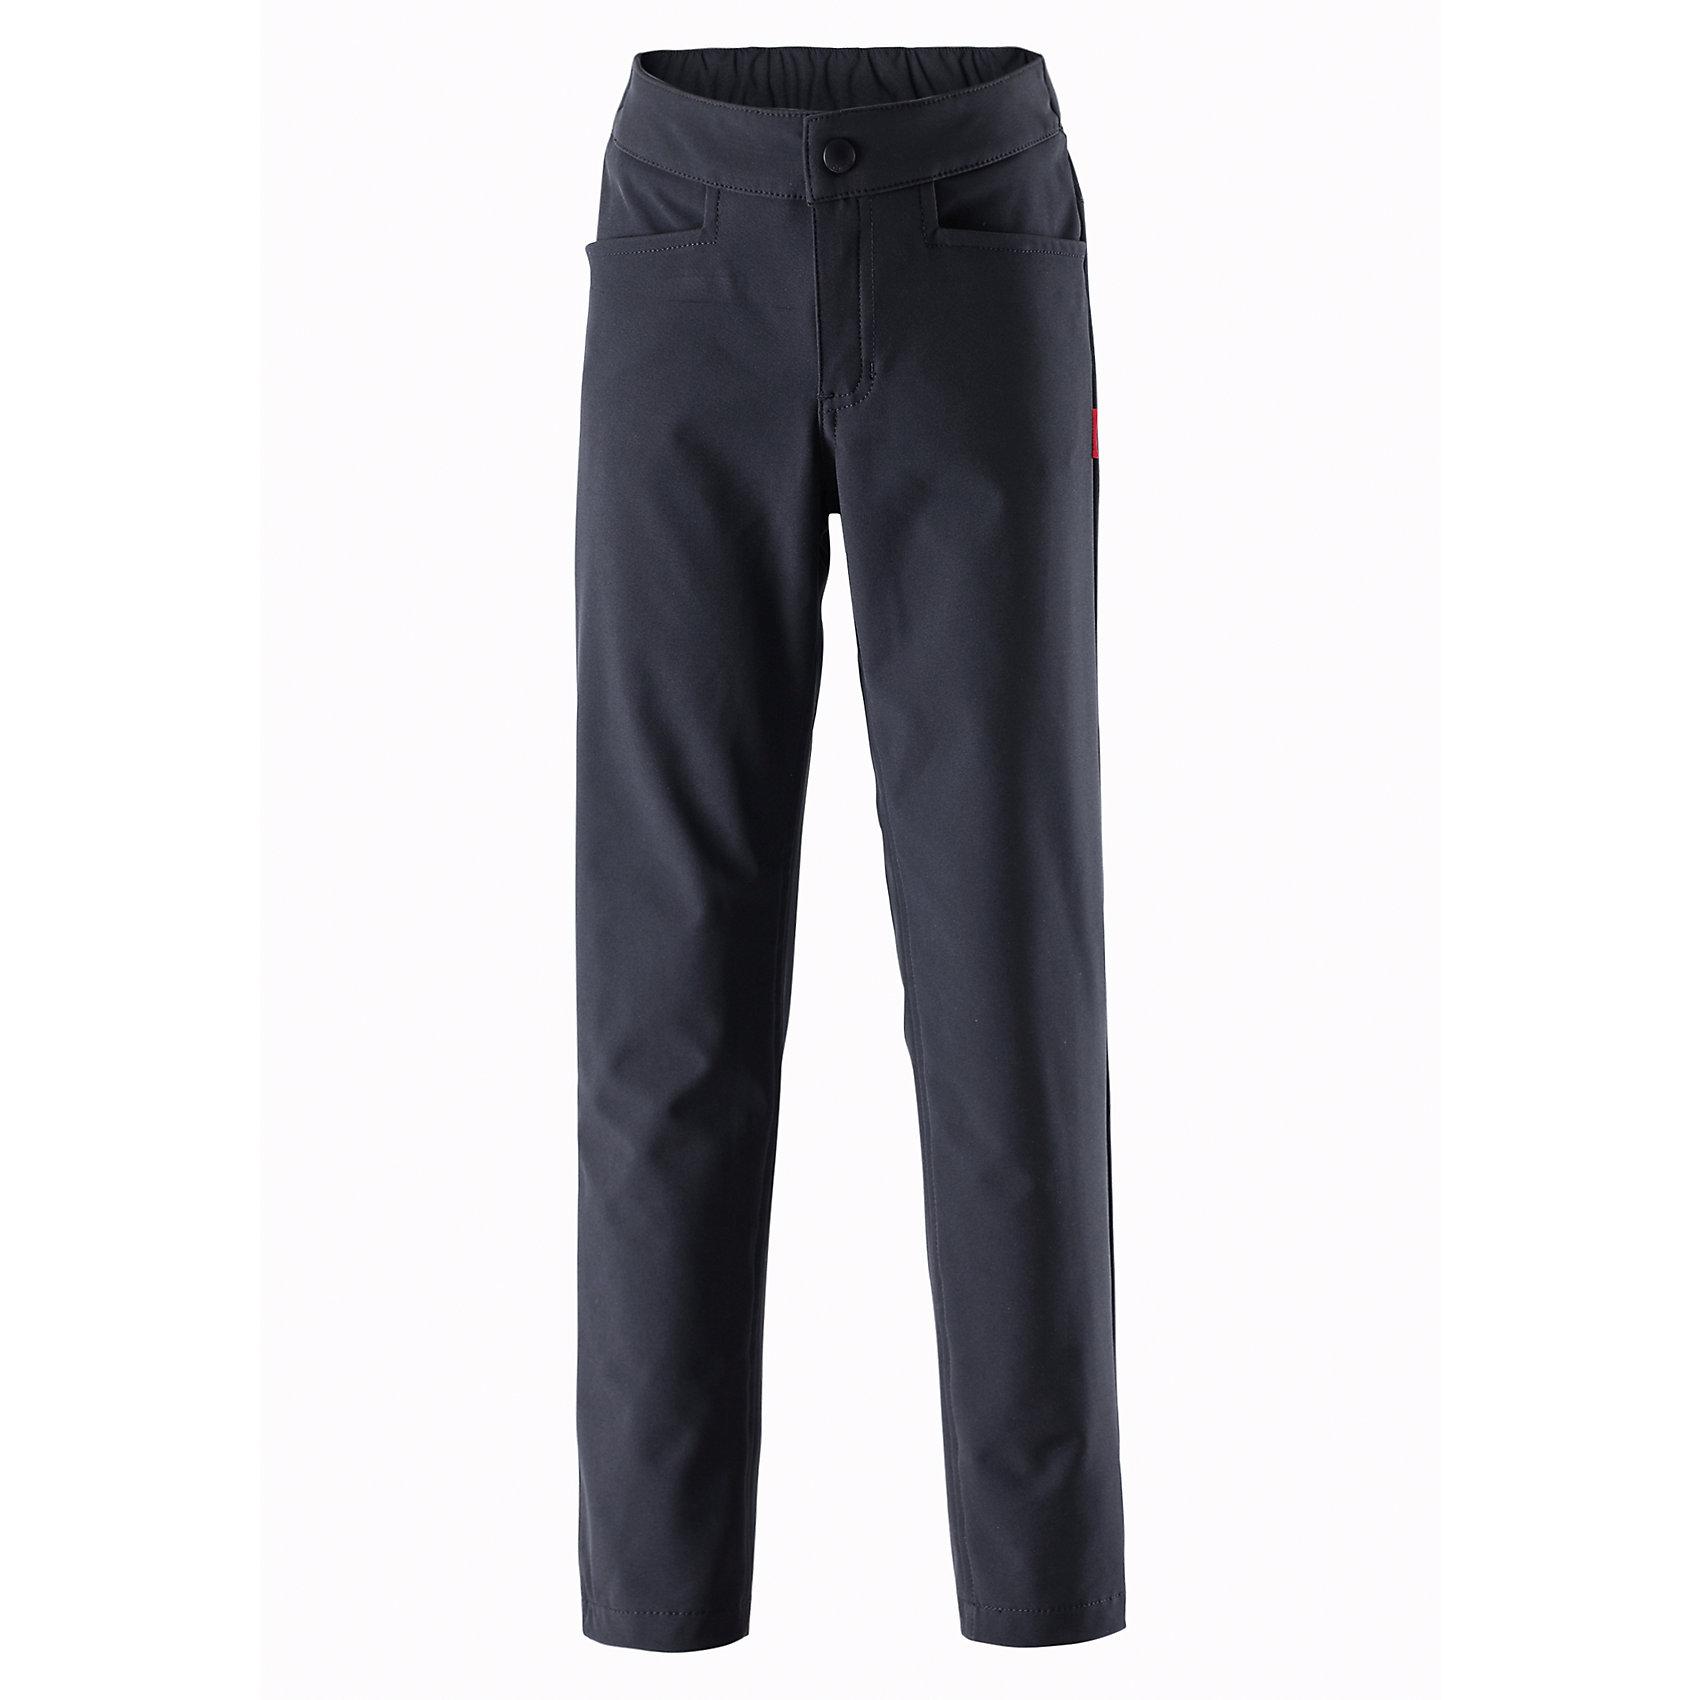 Брюки для мальчика ReimaБрюки<br>Эти легкие зауженные брюки для подростков из материала softshell станут настоящим фаворитом гардероба. Их можно надеть в школу и после школы, взять с собой в летний лагерь и на водную прогулку. Материал брюк не только ветрозащитный и дышащий, он также обладает водо- и грязеотталкивающими свойствами. Ширинка на молнии и застежка-пуговичка упрощают надевание. Полная игростойкость!<br><br>Дополнительная информация:<br><br>Брюки из материала softshell для подростков<br>Из ветронепроницаемого материала, но изделие «дышит»<br>Зауженная модель<br>Эластичная талия<br>Два кармана на молнии<br>Состав:<br>96% ПЭ 4% ЭЛ, ПУ-ламинация<br>Уход:<br>Стирать по отдельности, вывернув наизнанку. Застегнуть молнии и липучки. Стирать моющим средством, не содержащим отбеливающие вещества. Полоскать без специального средства. Во избежание изменения цвета изделие необходимо вынуть из стиральной машинки незамедлительно после окончания программы стирки. Сушить при низкой температуре.<br><br>Ширина мм: 215<br>Глубина мм: 88<br>Высота мм: 191<br>Вес г: 336<br>Цвет: черный<br>Возраст от месяцев: 36<br>Возраст до месяцев: 48<br>Пол: Мужской<br>Возраст: Детский<br>Размер: 104,140,116,146,122,128,134,158,164,110,152<br>SKU: 4497583